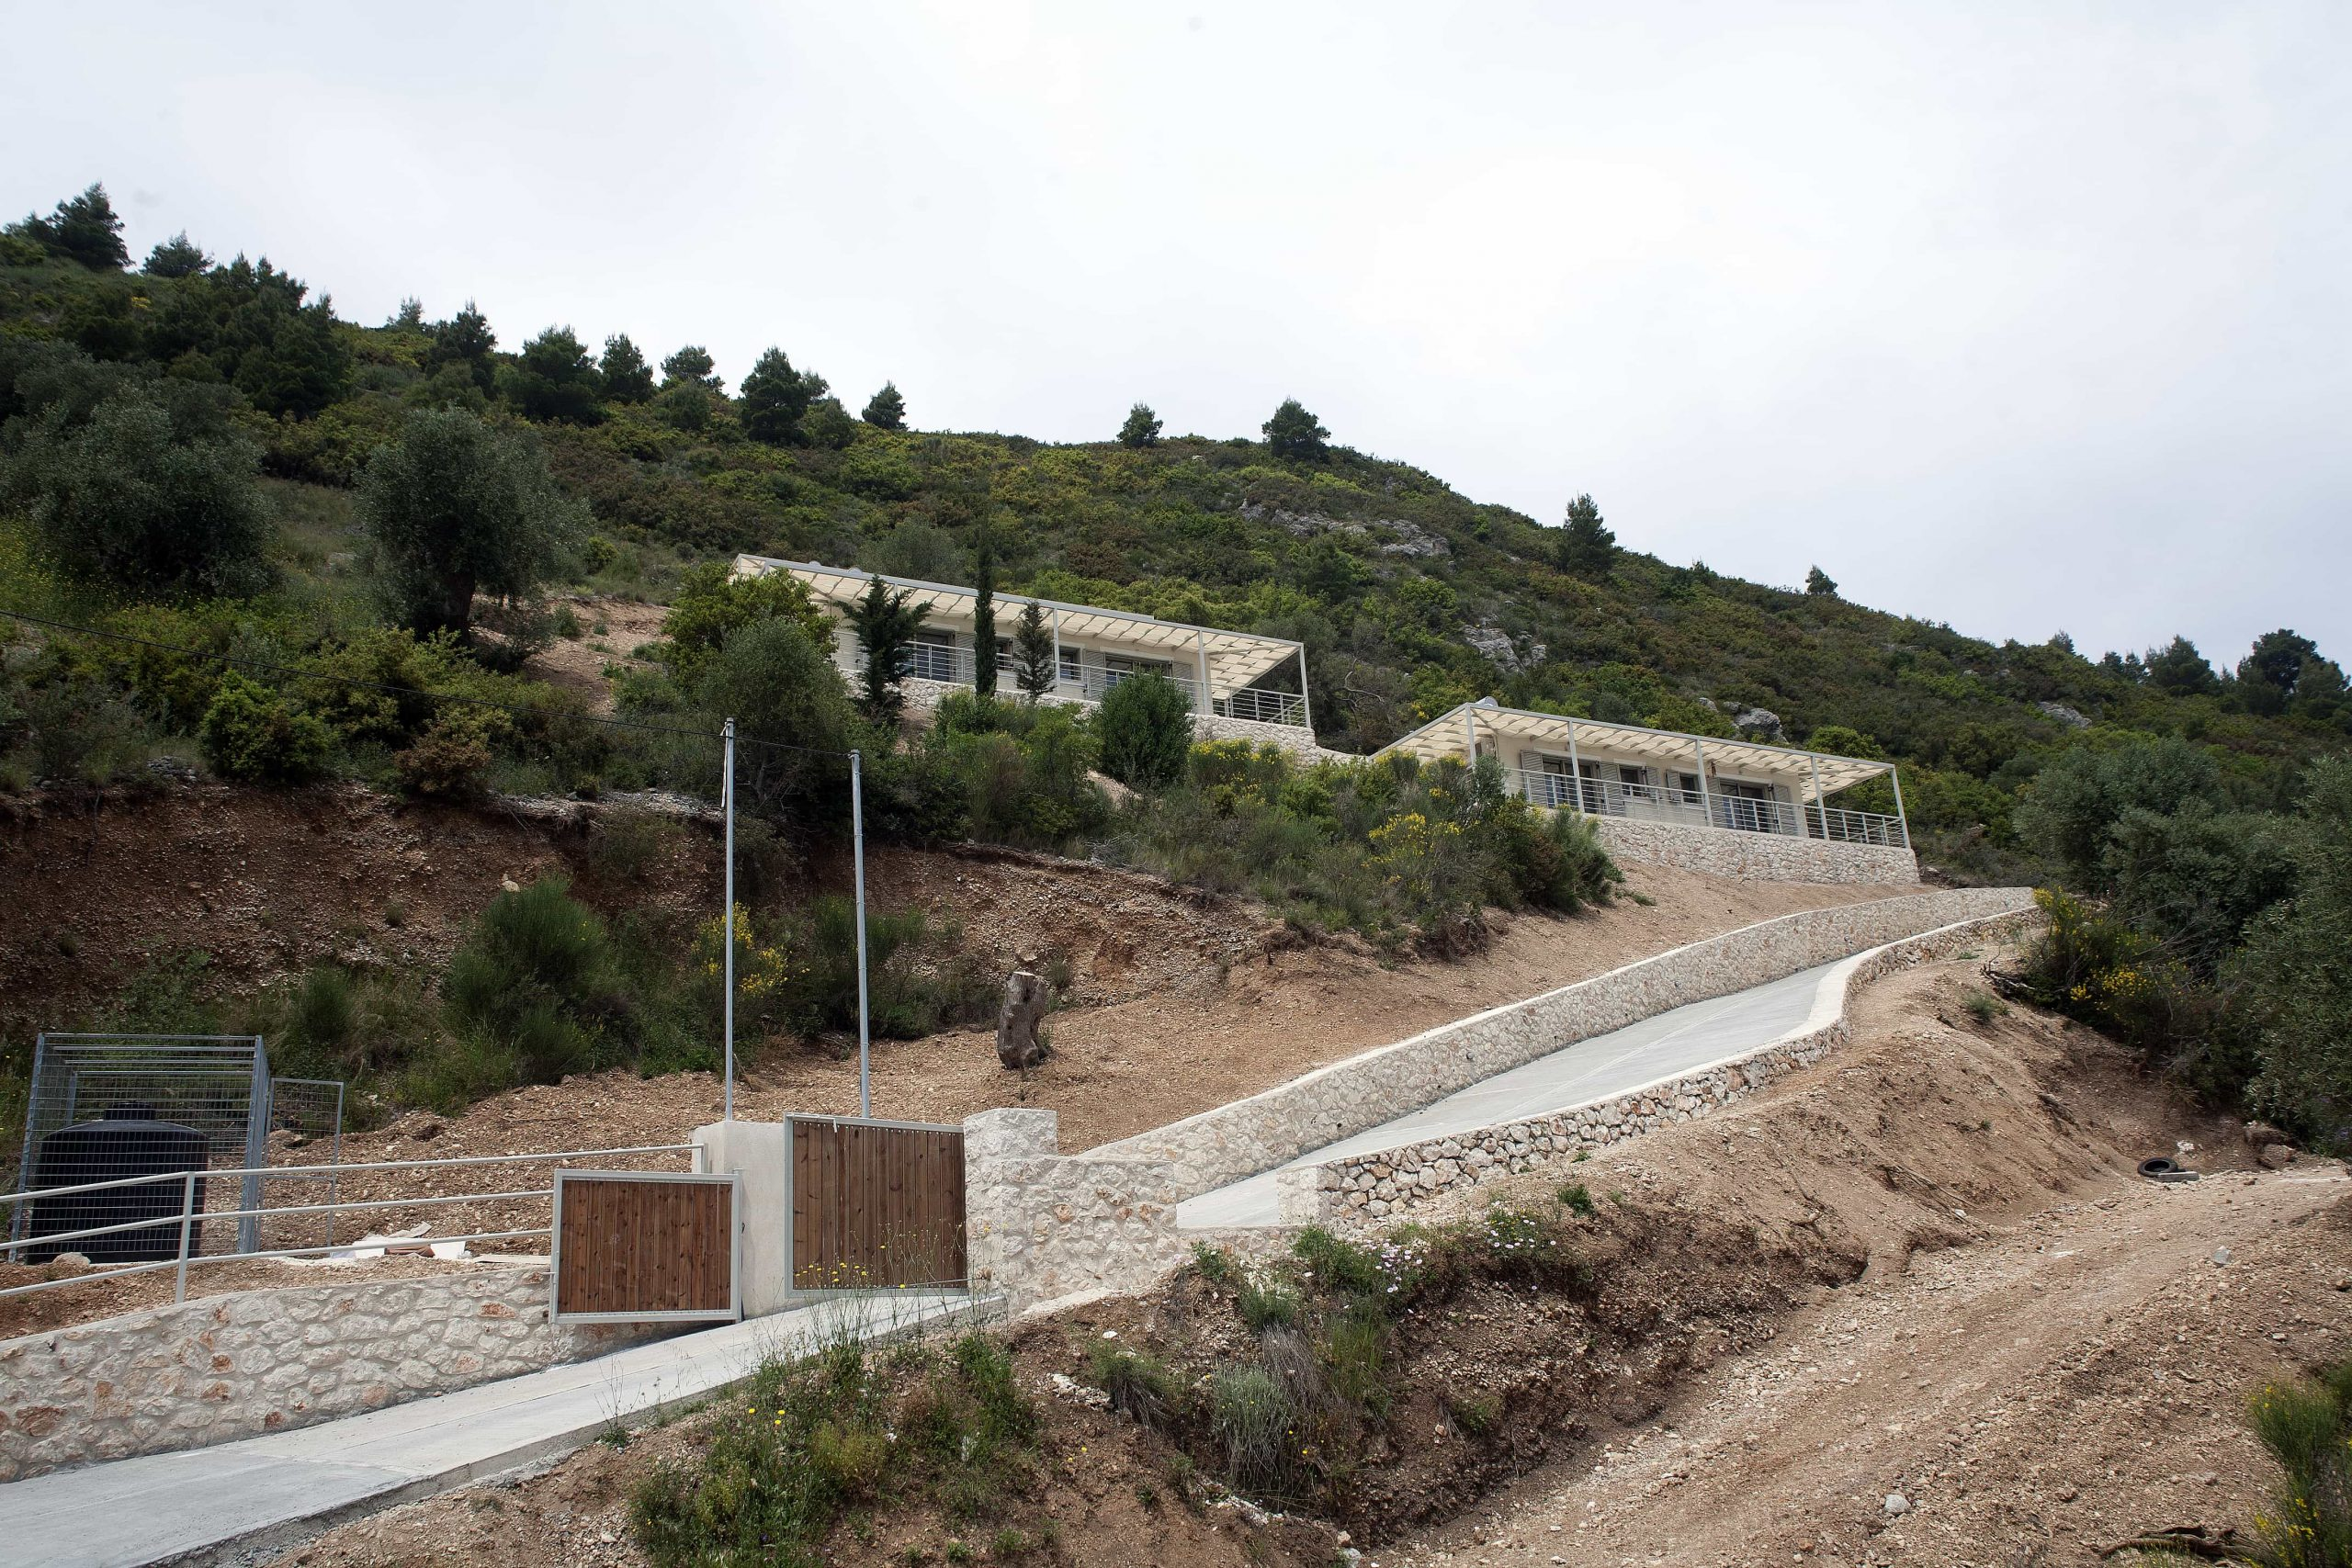 Arcons Touristikes Katoikies Agios Nikhtas Lefkadas